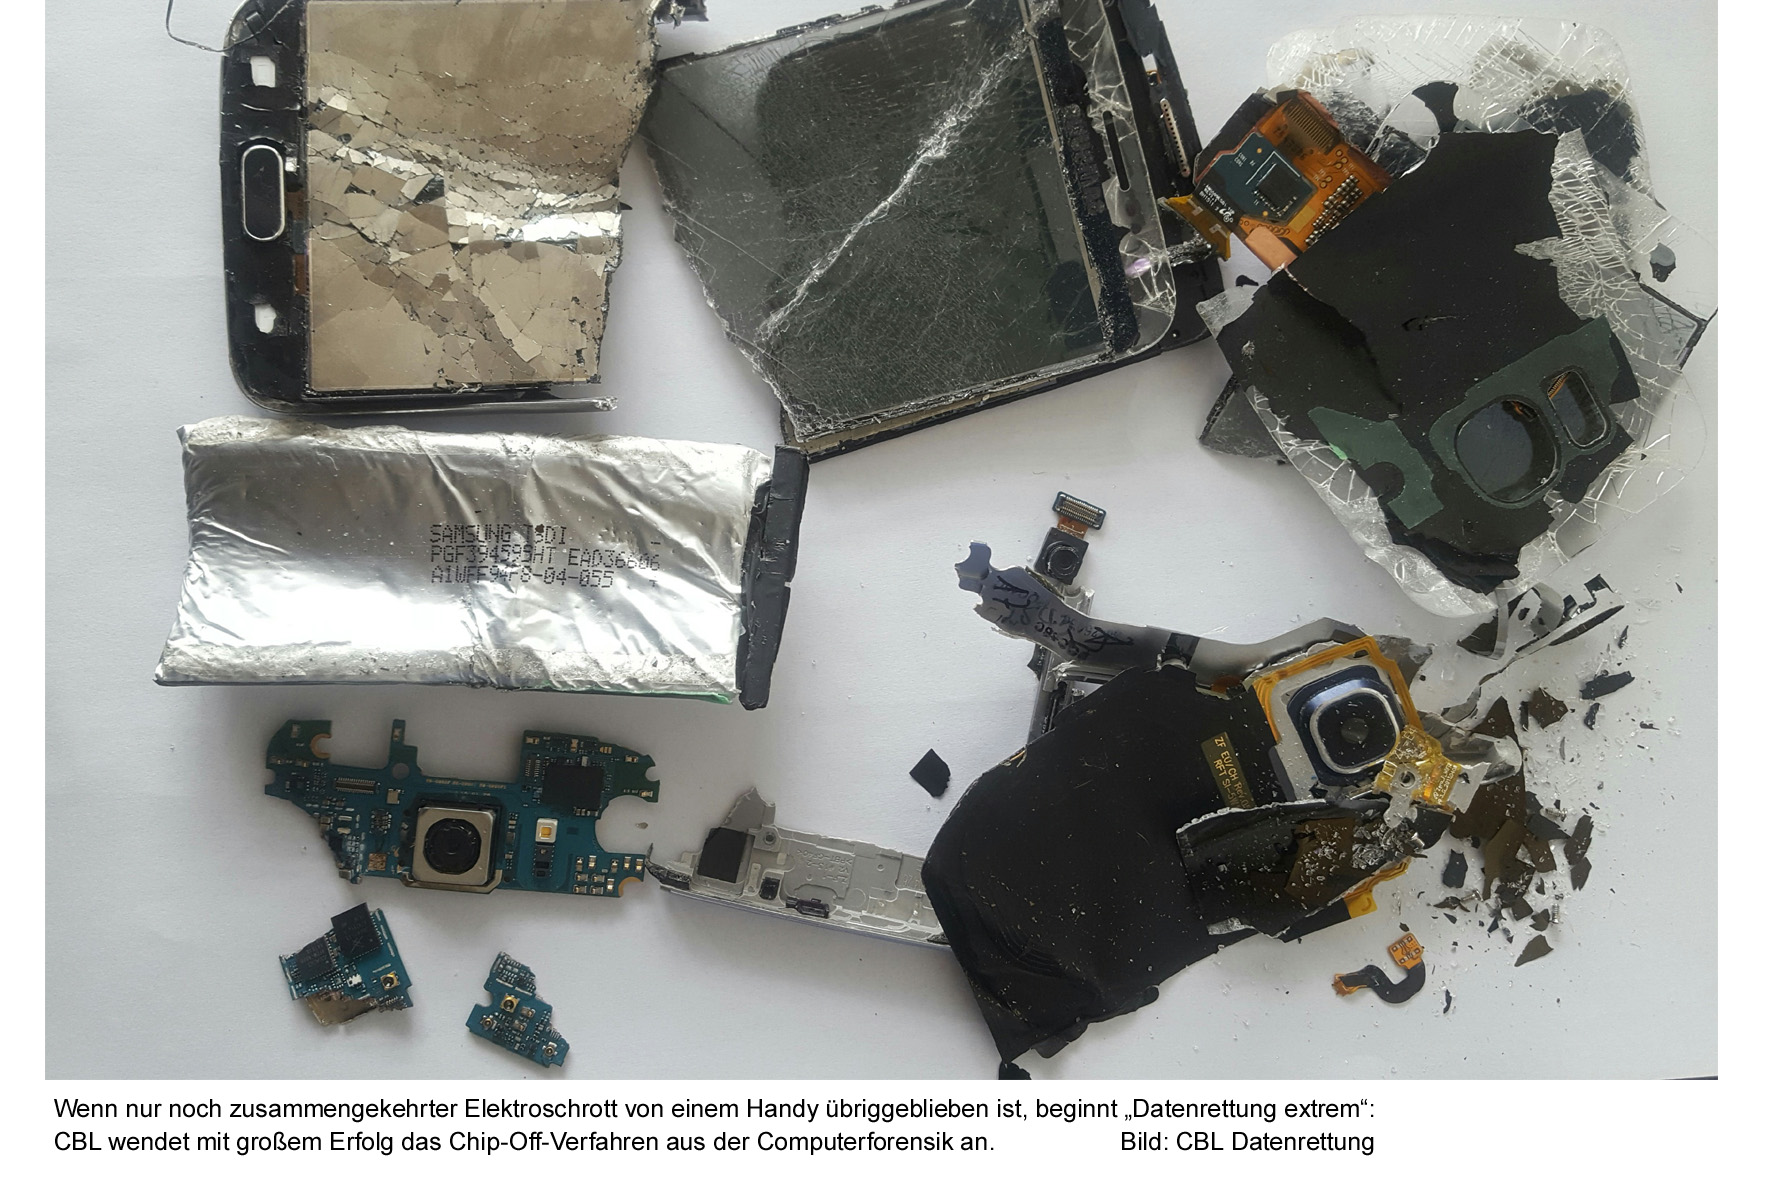 """Wenn nur noch zusammengekehrter Elektroschrott von einem Handy übriggeblieben ist, beginnt """"Datenrettung extrem"""": CBL wendet mit großem Erfolg das Chip-Off-Verfahren aus der Computerforensik an. Bild: CBL Datenrettung"""